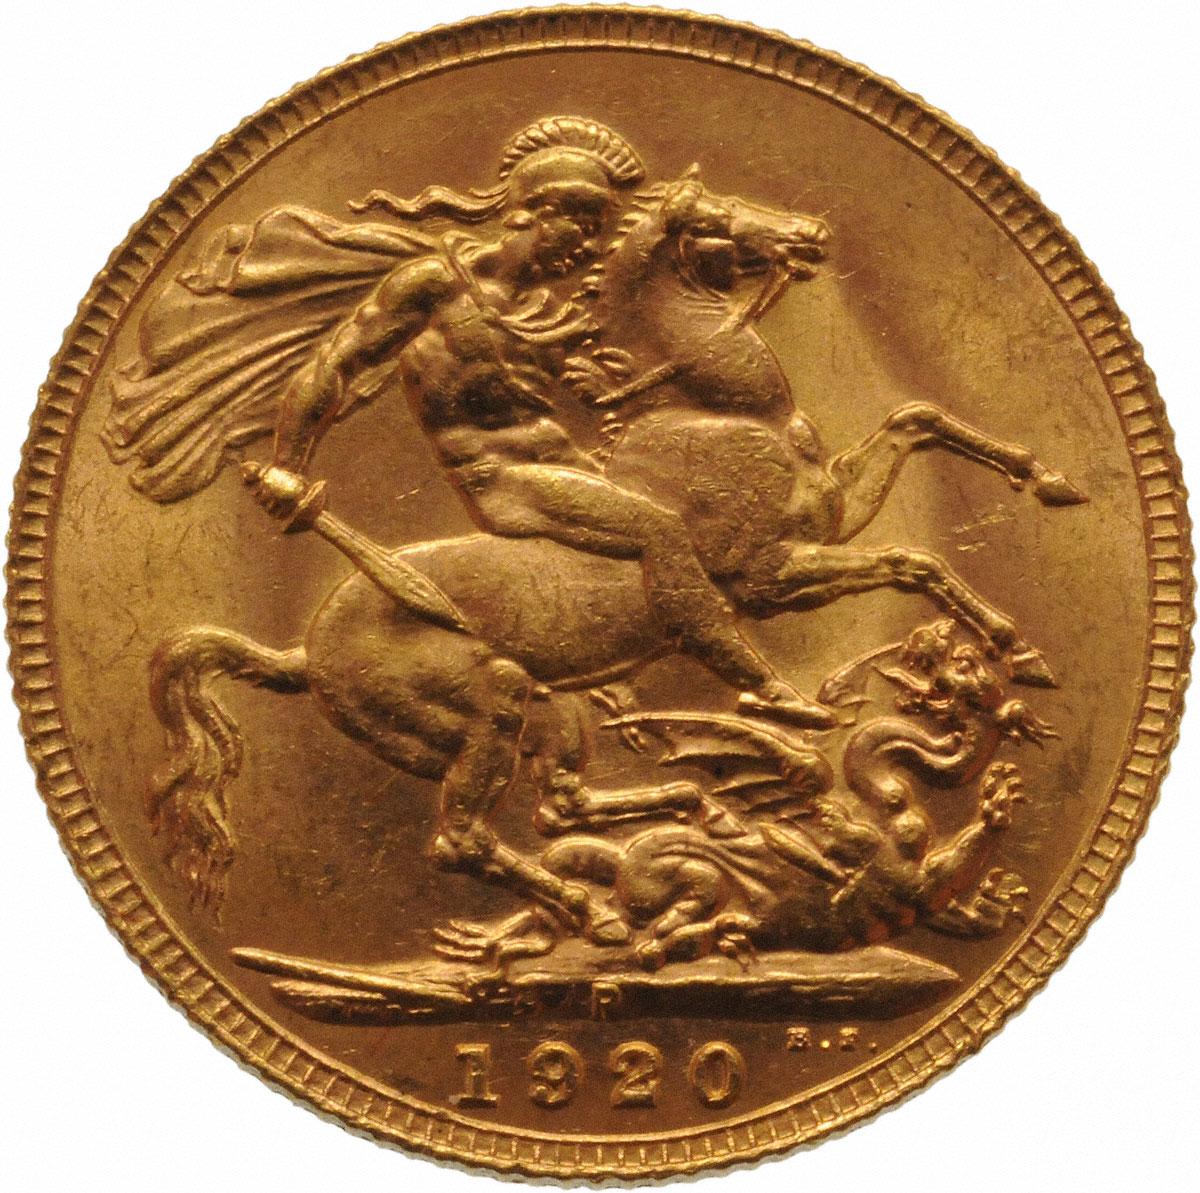 1920 Γεώργιος Ε' (Νομισματοκοπείο Περθ)